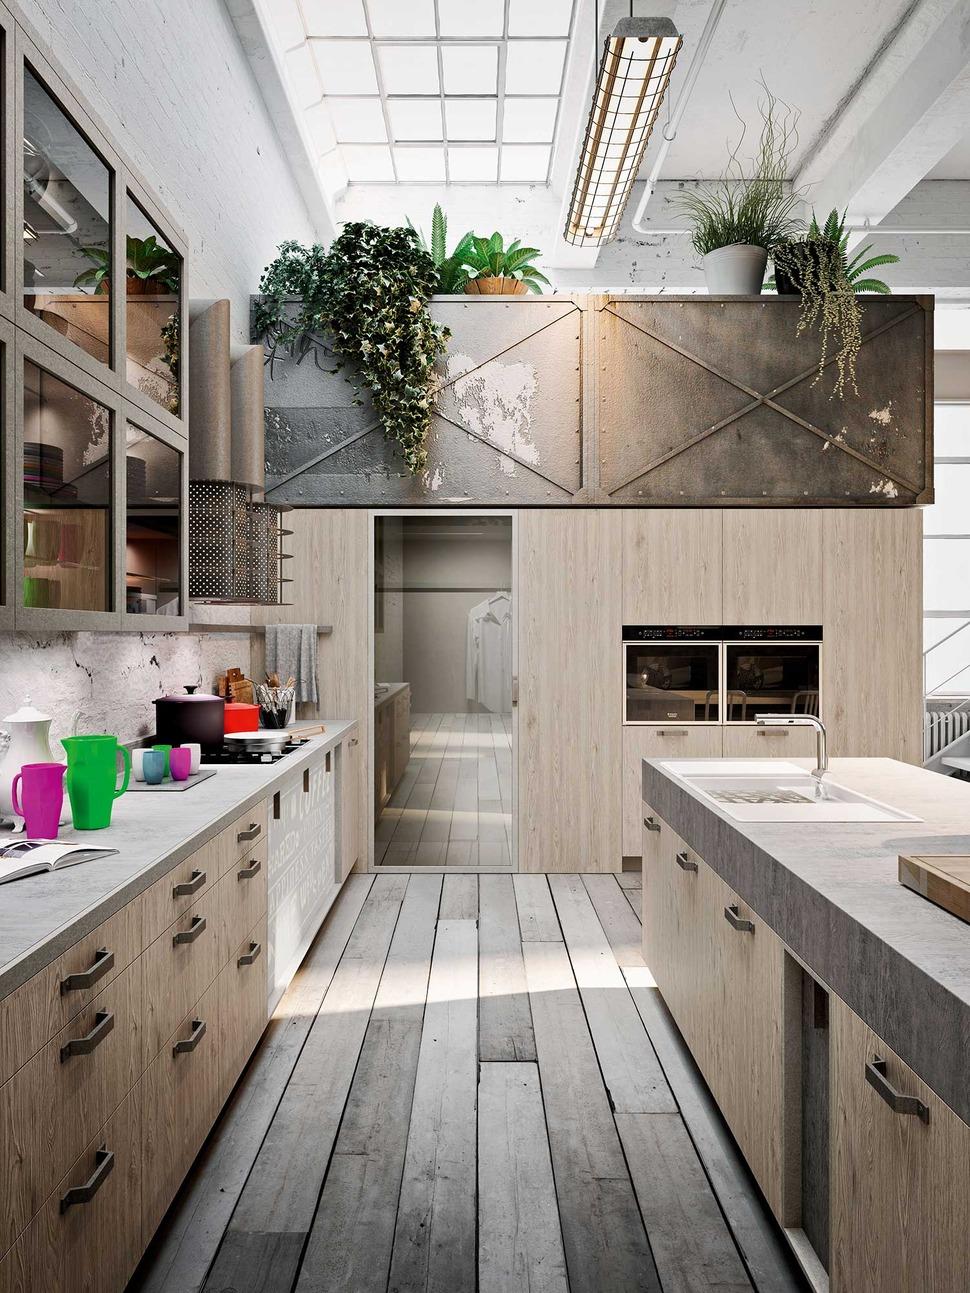 European Kitchen: 24 Modern Designs We Love